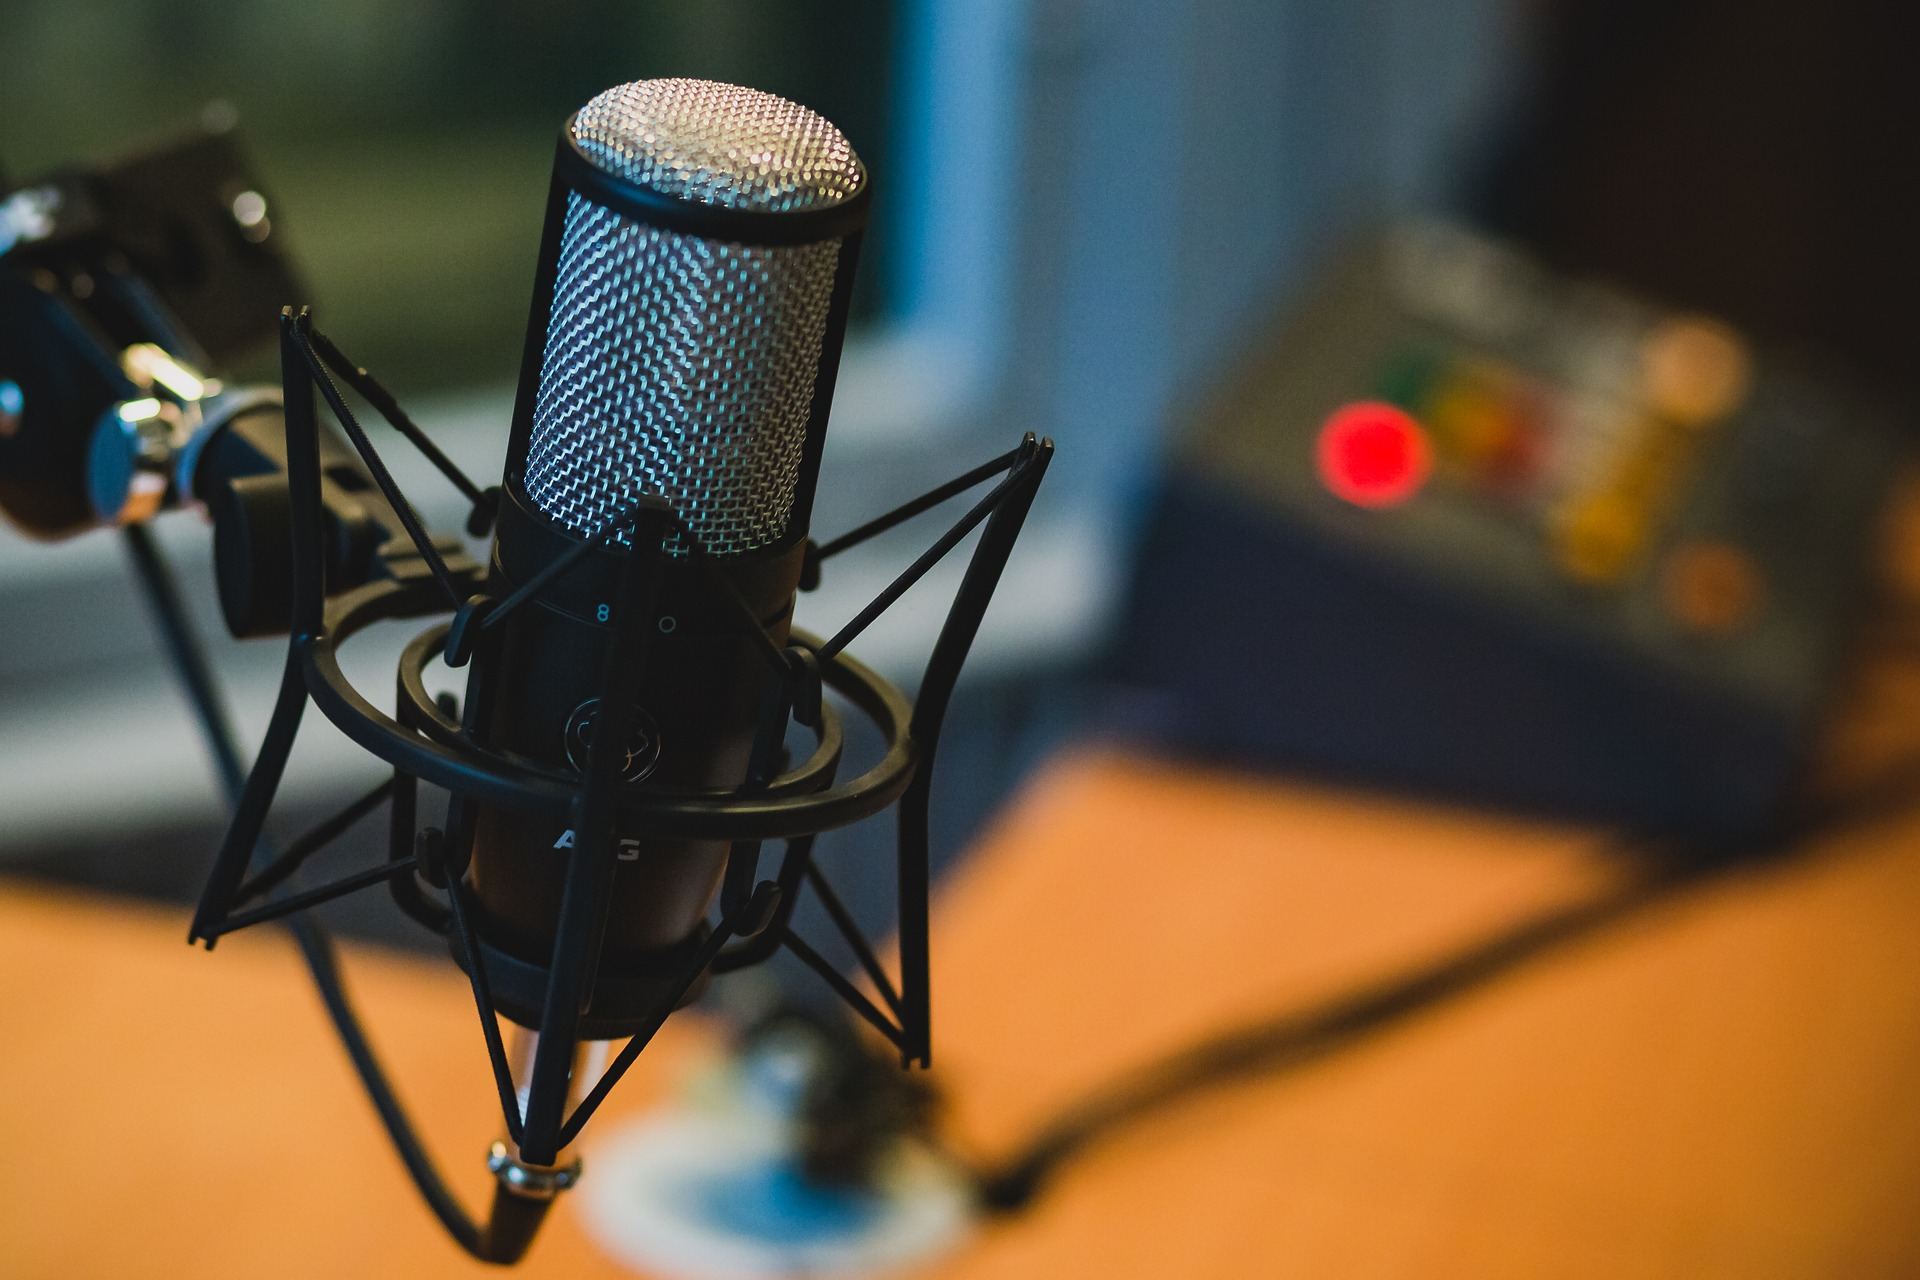 Imagem mostra um microfone suspenso em um suporte.